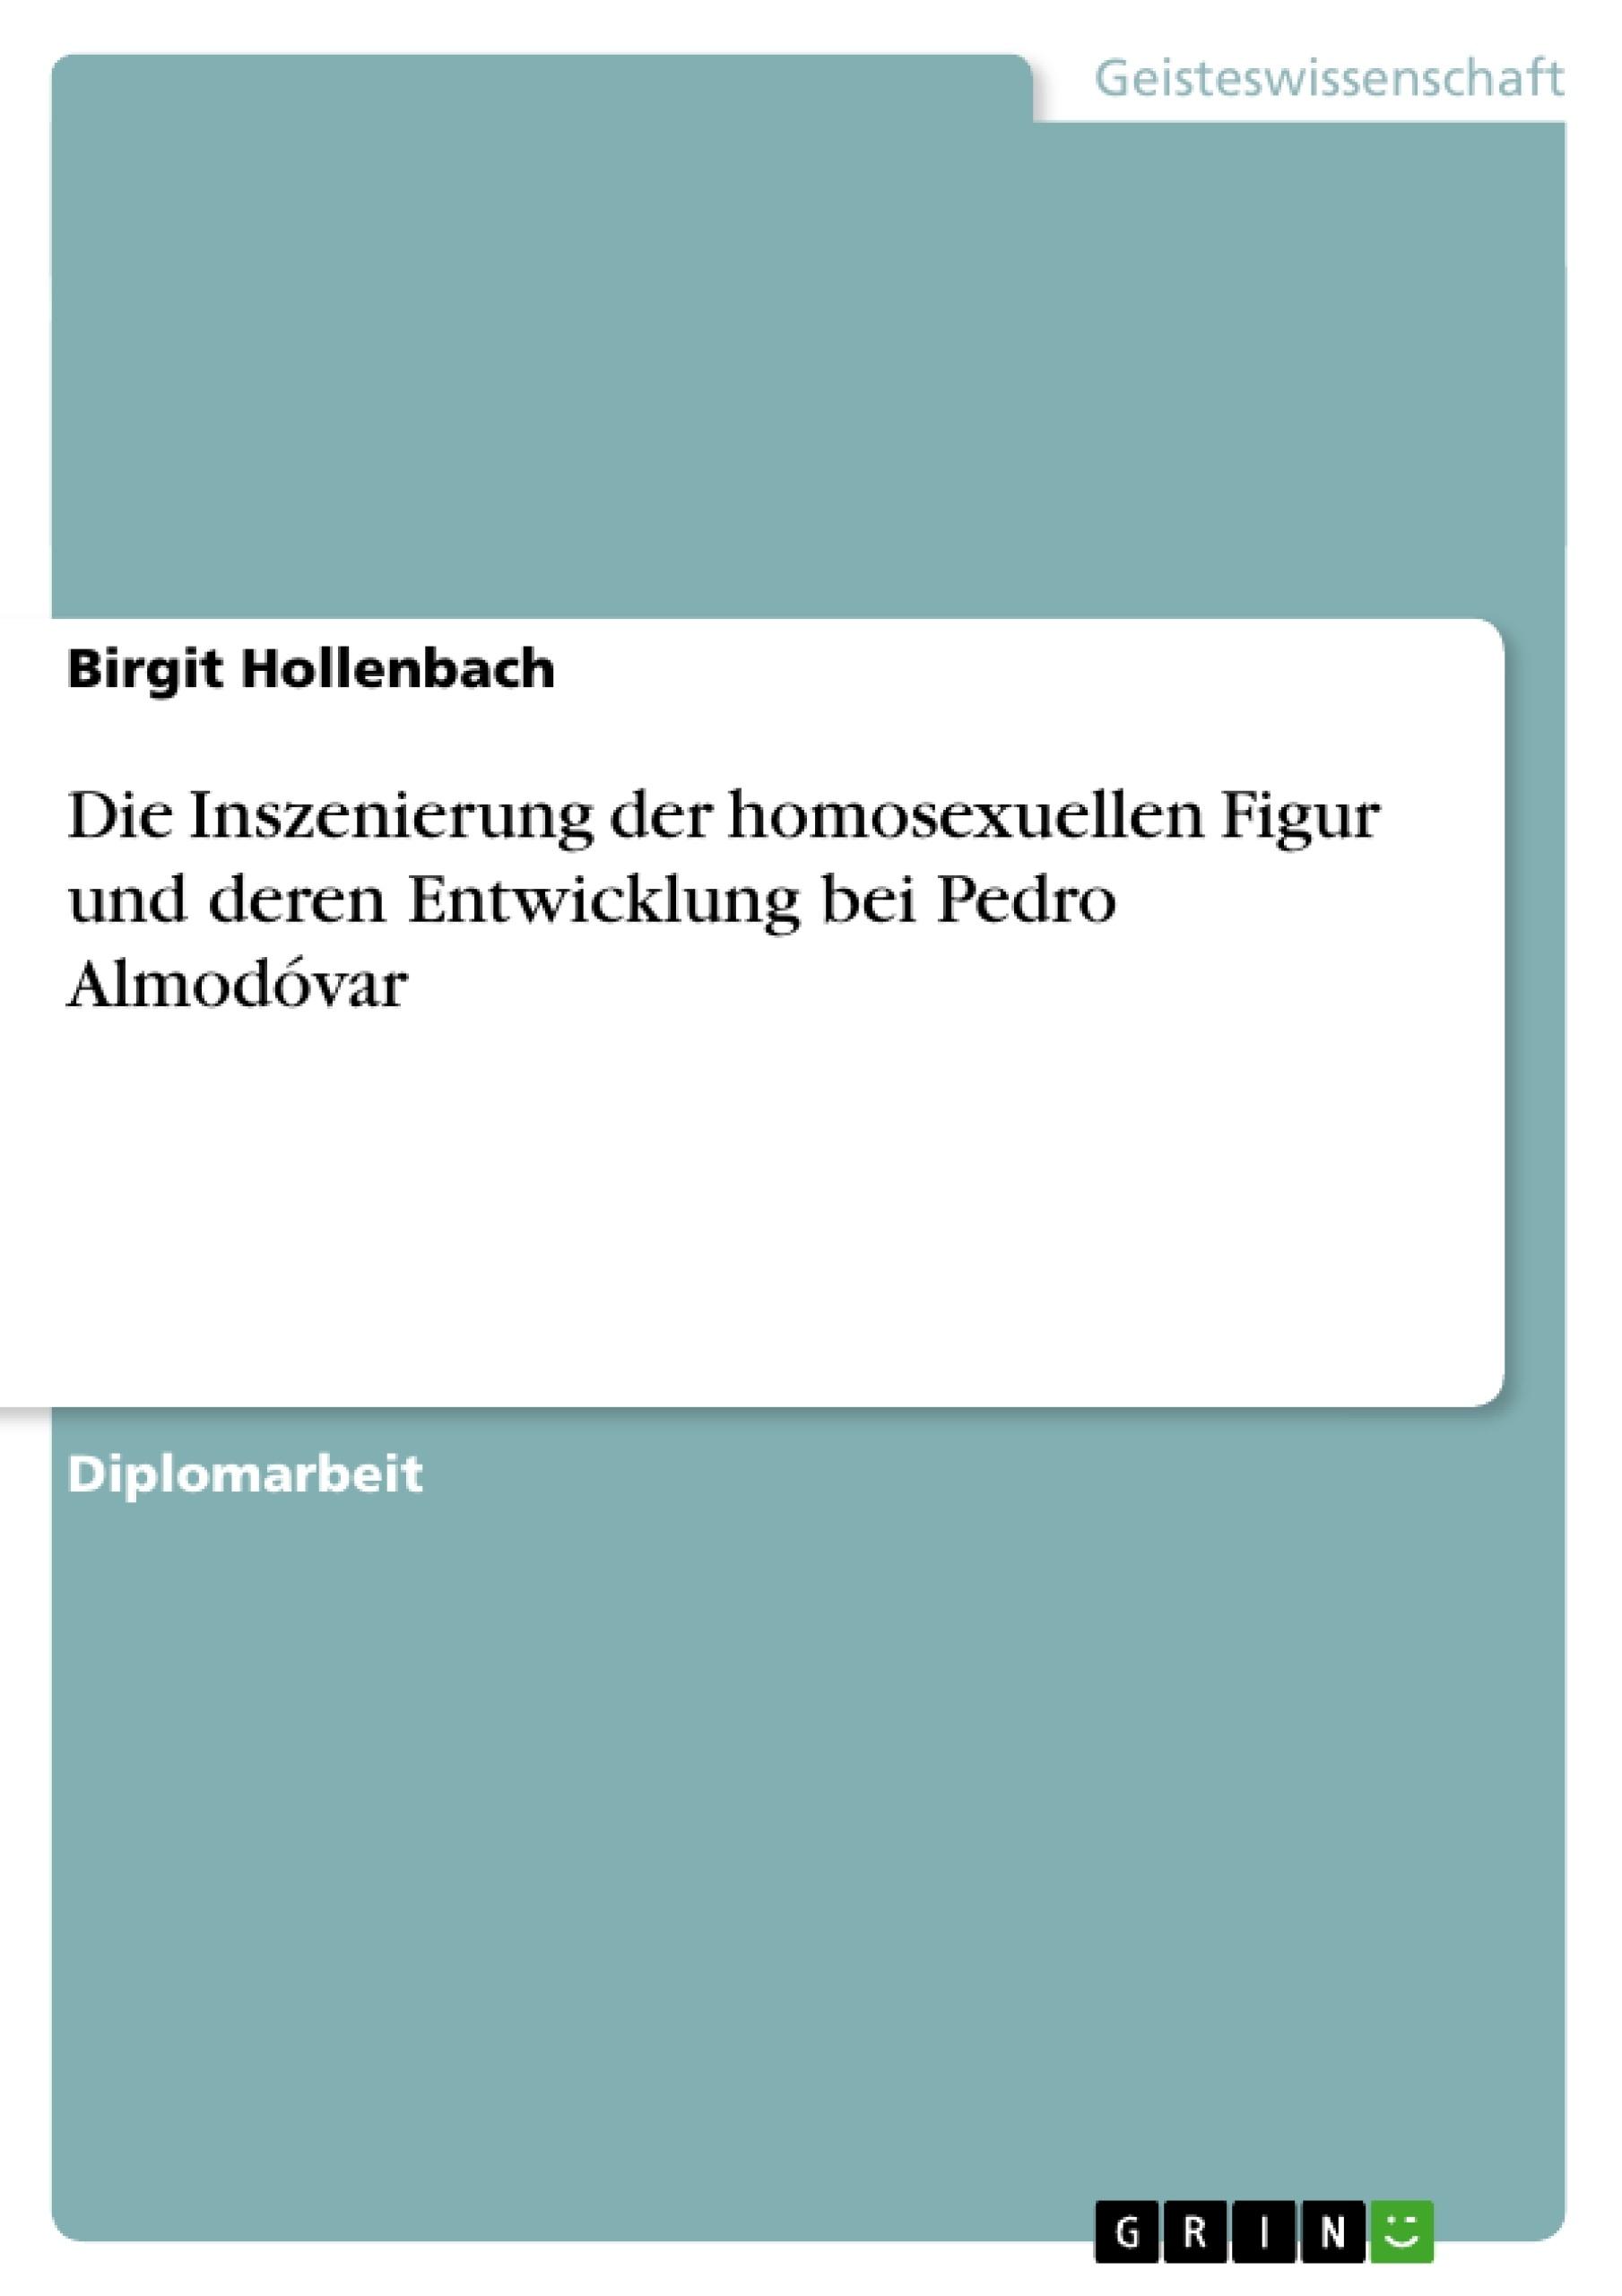 Titel: Die Inszenierung der homosexuellen Figur und deren Entwicklung bei Pedro Almodóvar